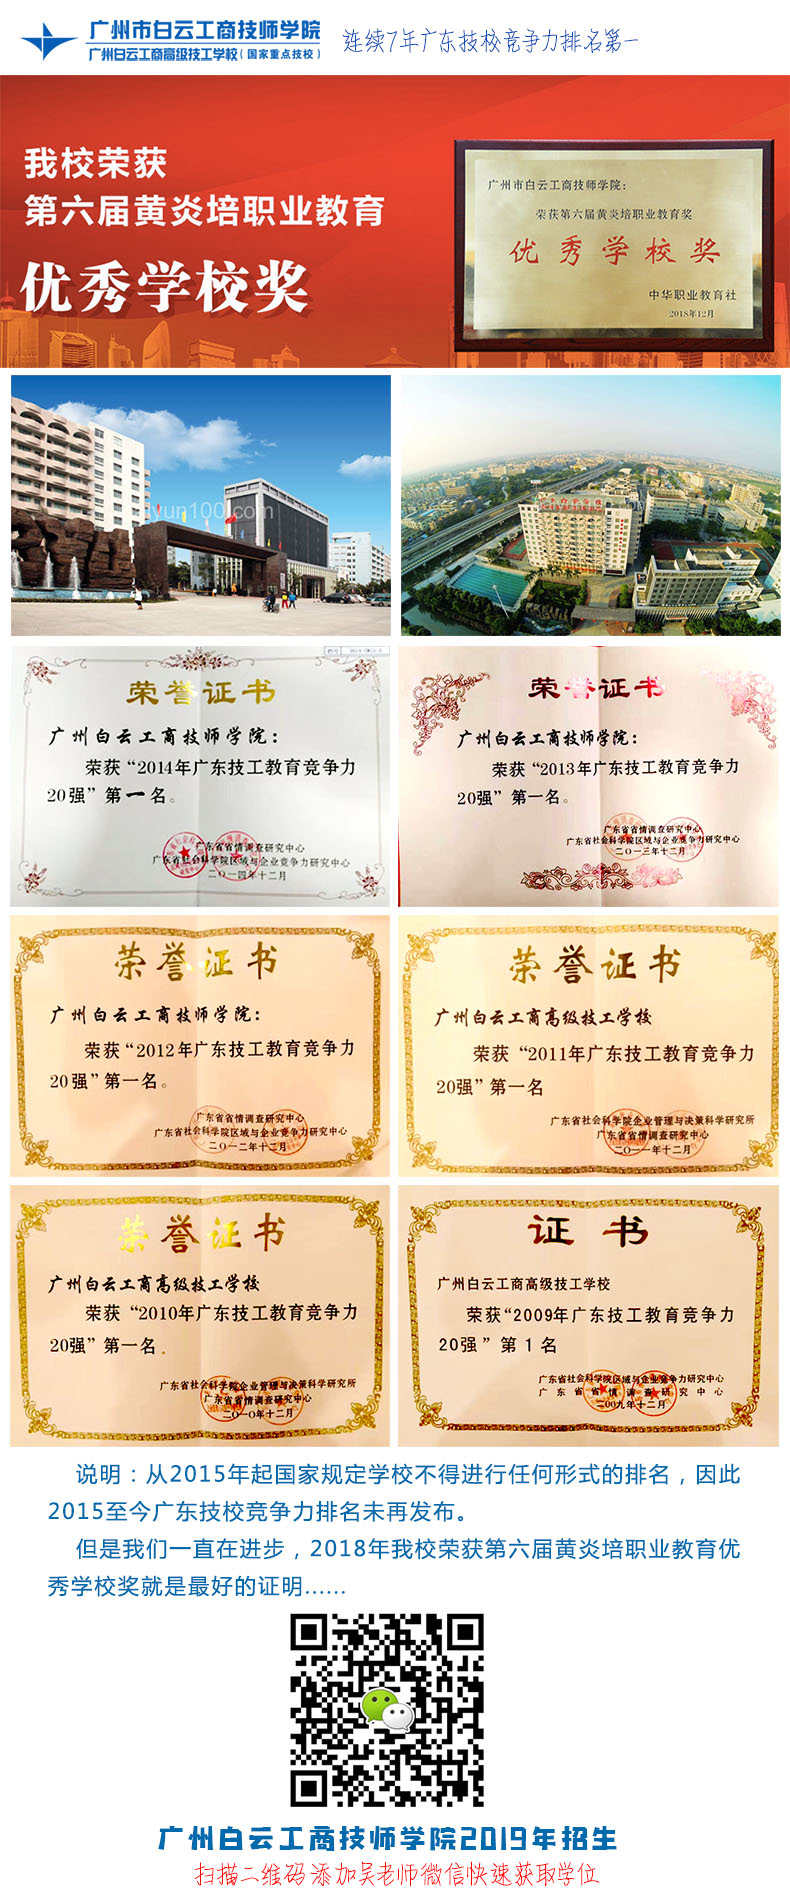 广州白云工商技校2019年招生专业